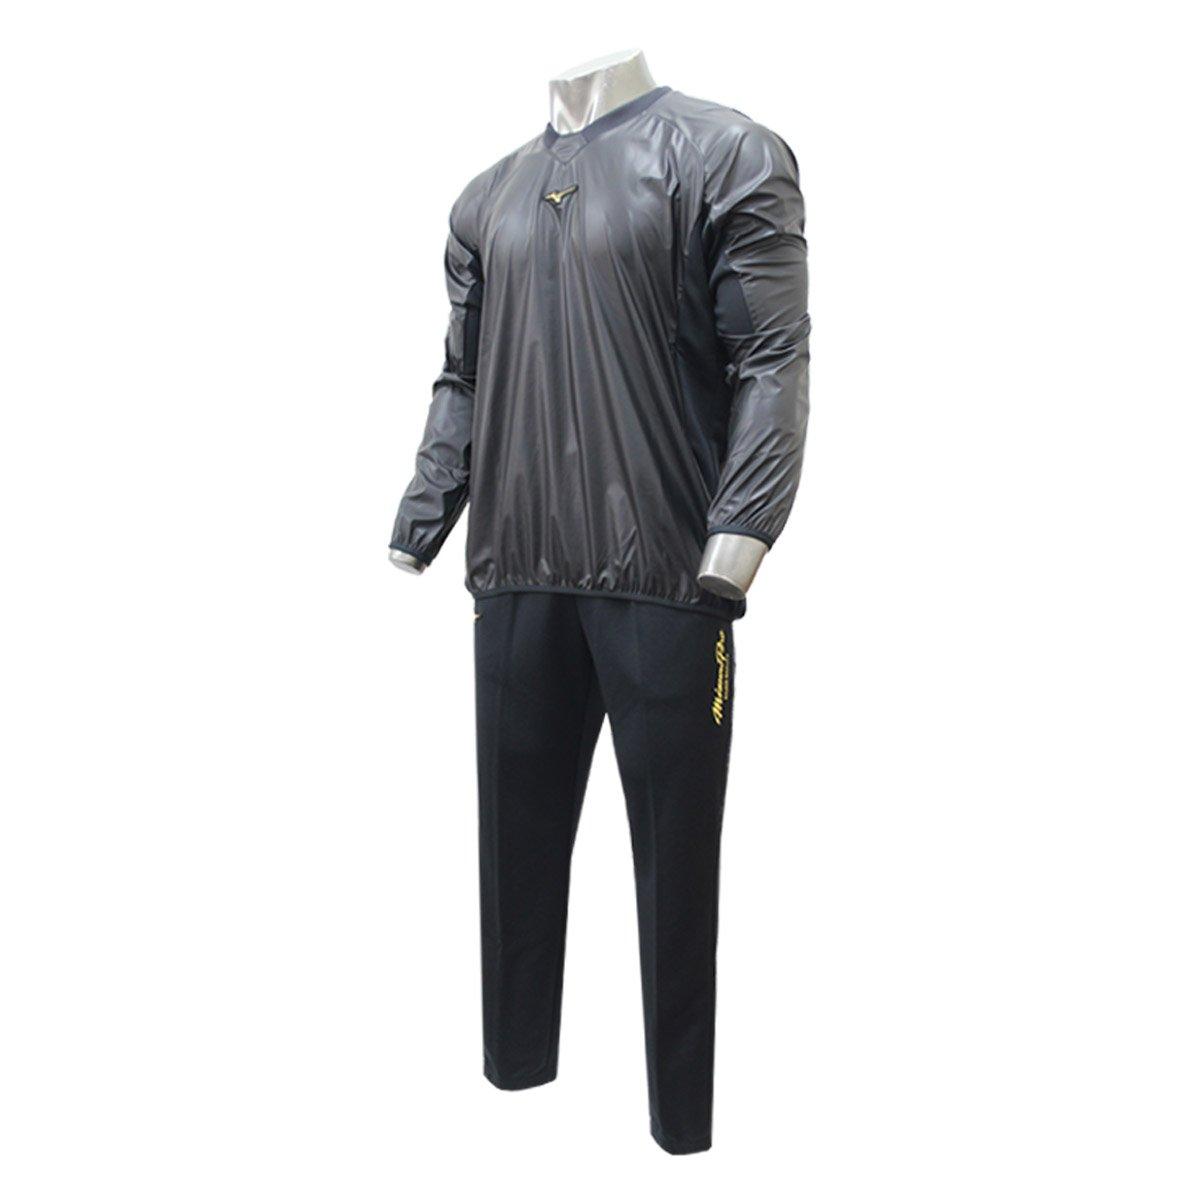 ミズノ 限定 ミズノプロ トレーニングジャケット V首 長袖 パンツ 上下セット セットアップ 12JE7J84-12JF7W82 ロイヤルプロダクト B075TZ7GG5 Medium|09ブラック×09ブラック 09ブラック×09ブラック Medium